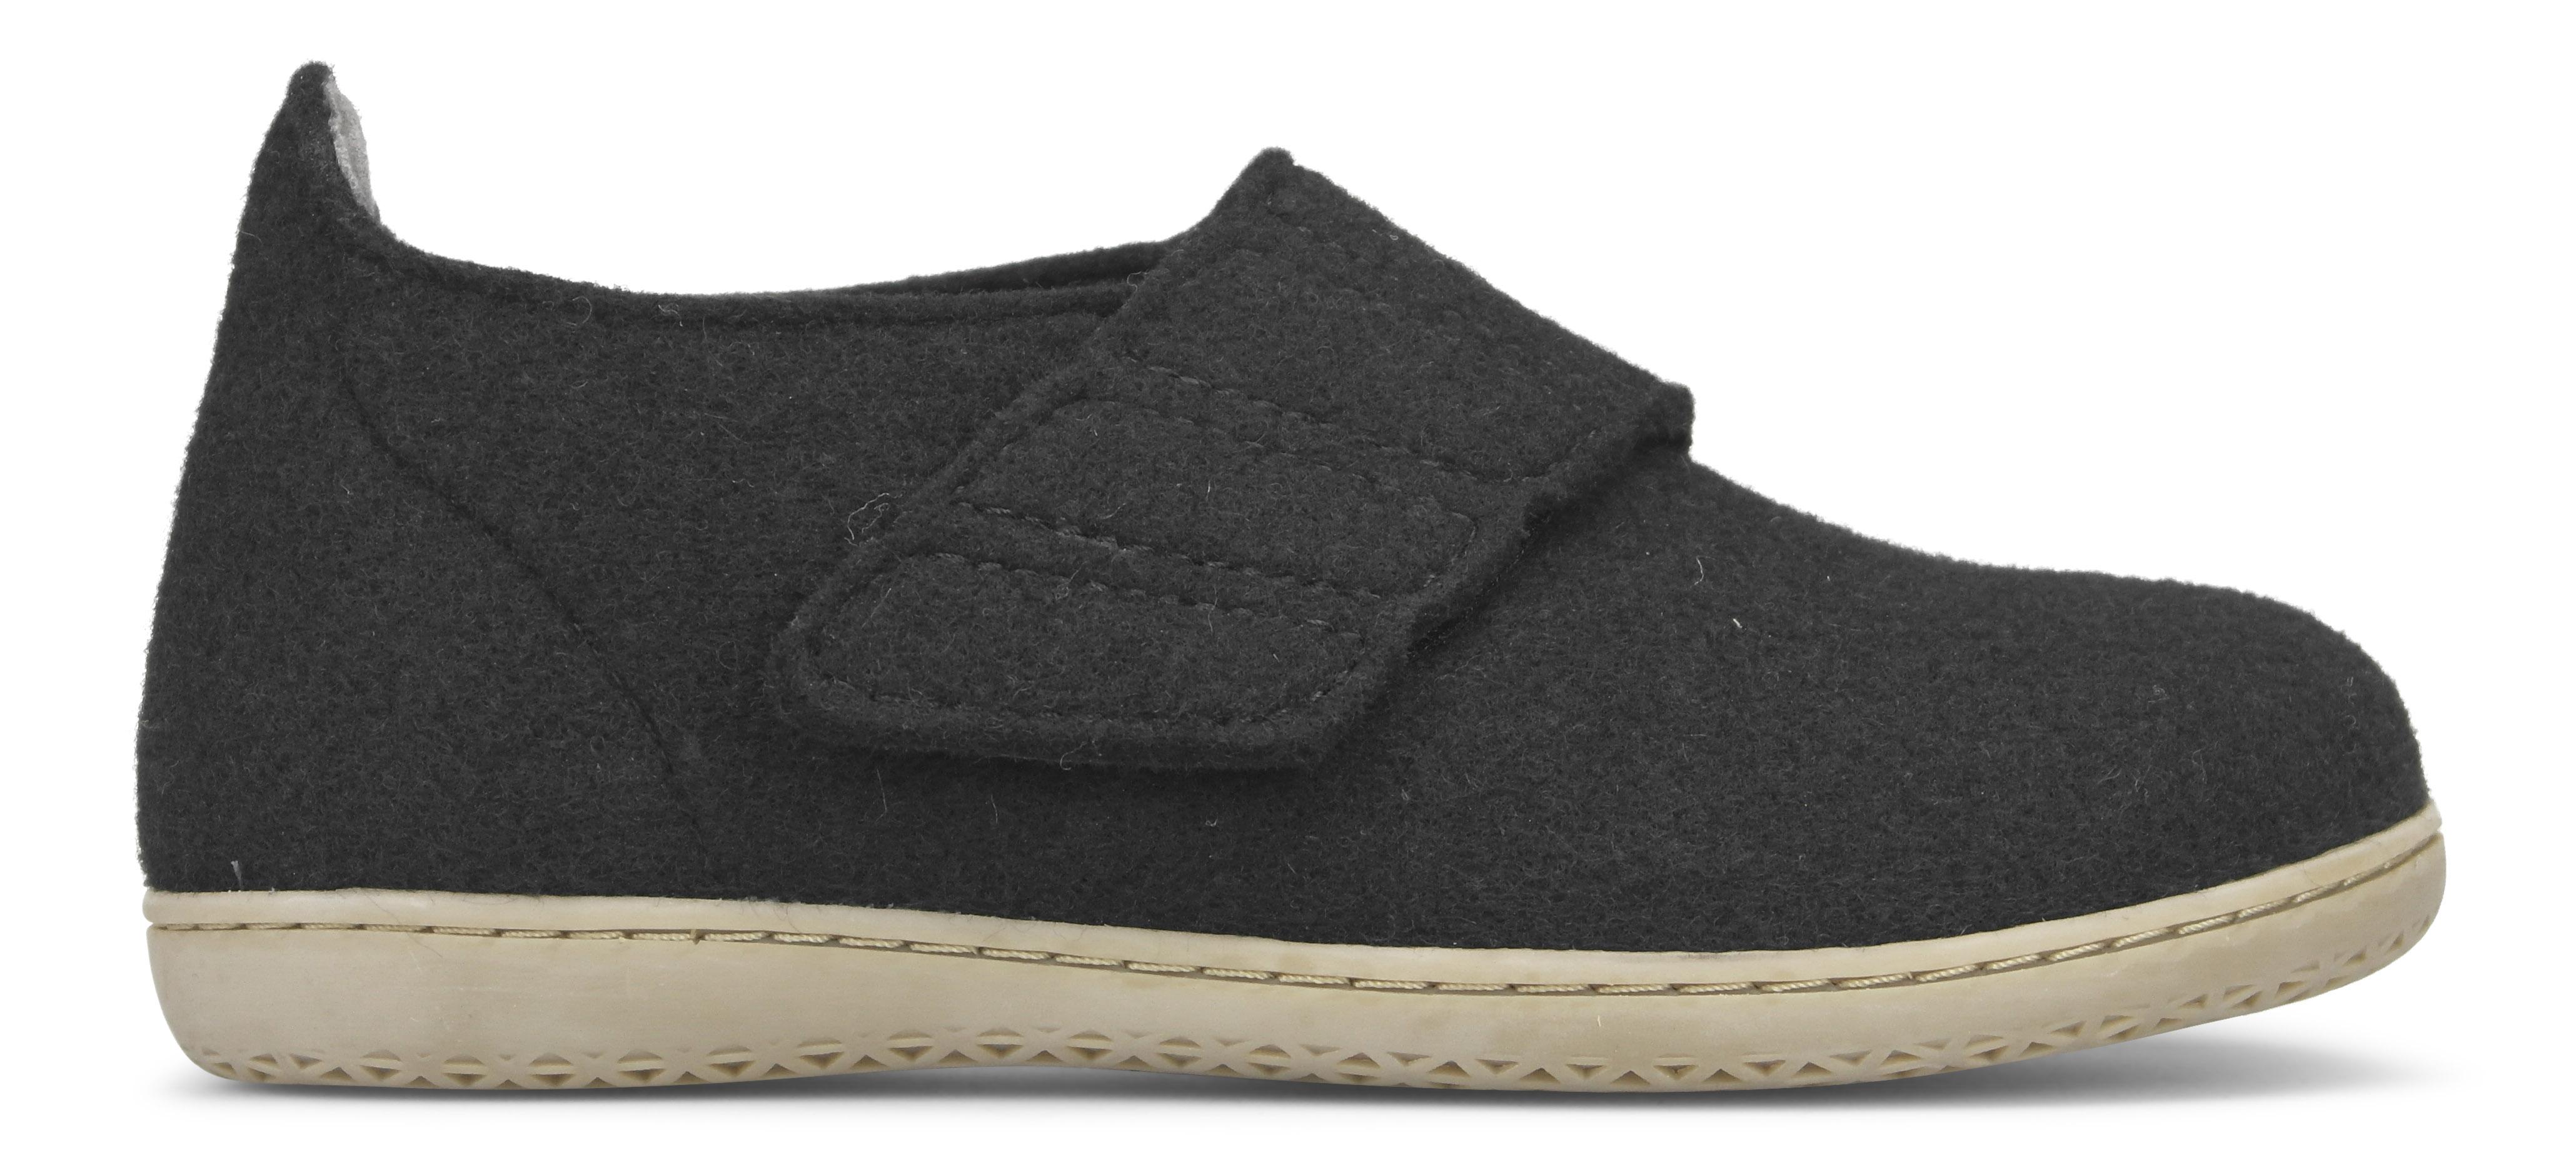 New Feet dame hjemmesko i uld med hælkappe fra